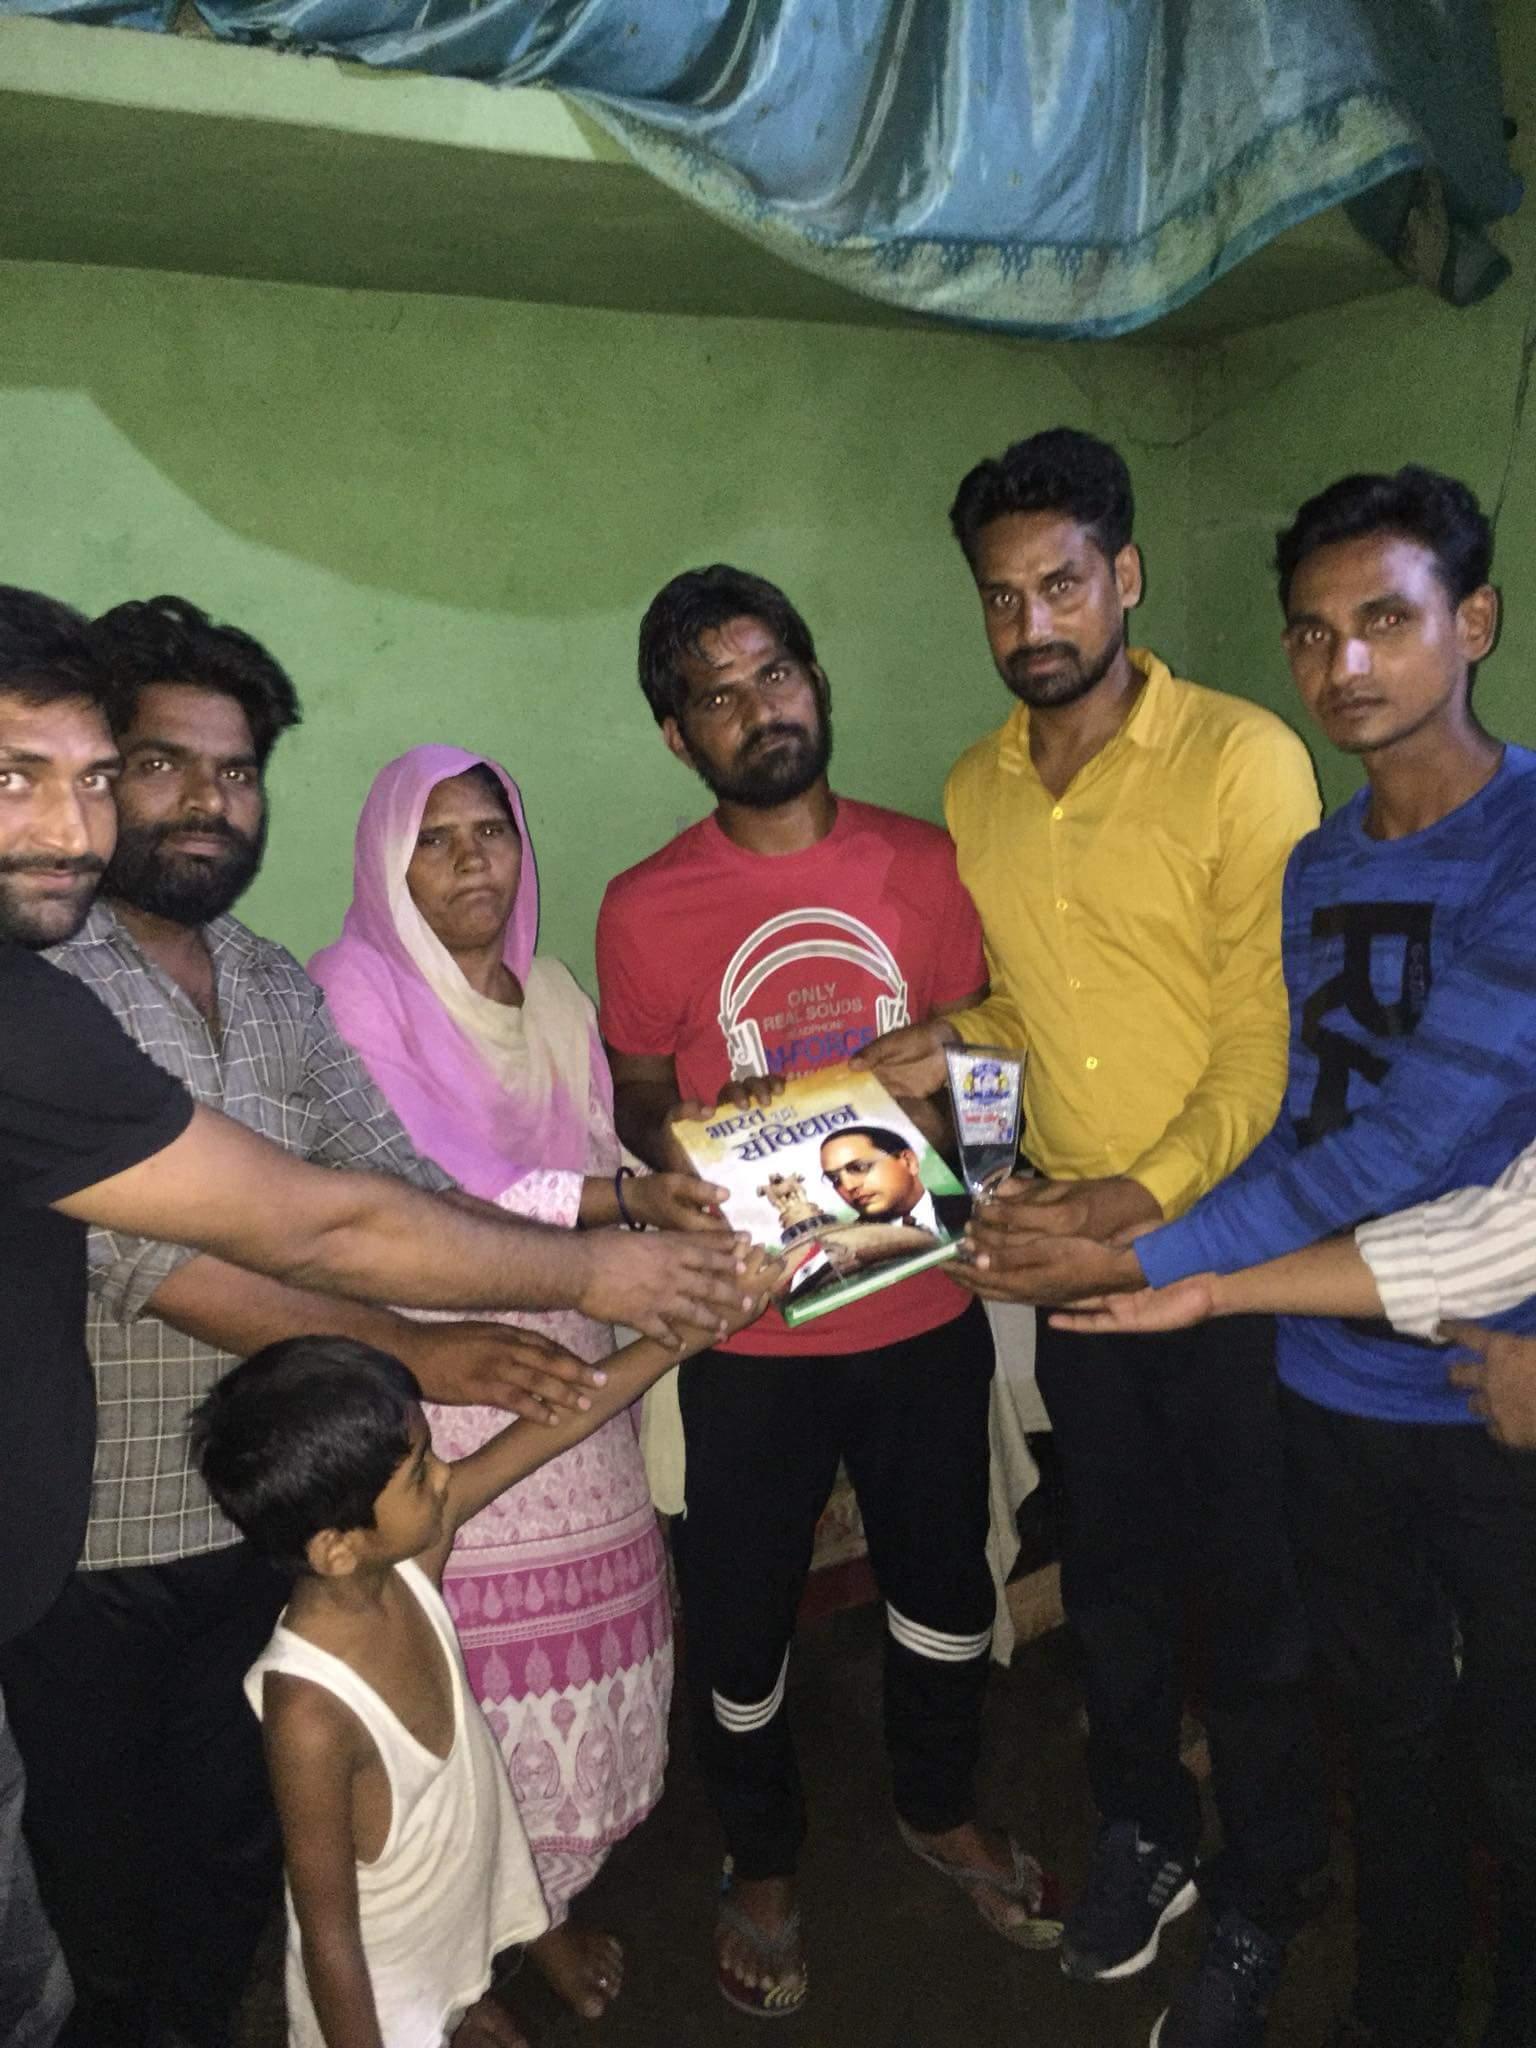 मायावती के गांव बादलपुर में दलित कार्यकर्ताओं को भीम अार्मी ने सम्मानित किया. (फोटोः भीम आर्मी के फेसबुक पेज से)